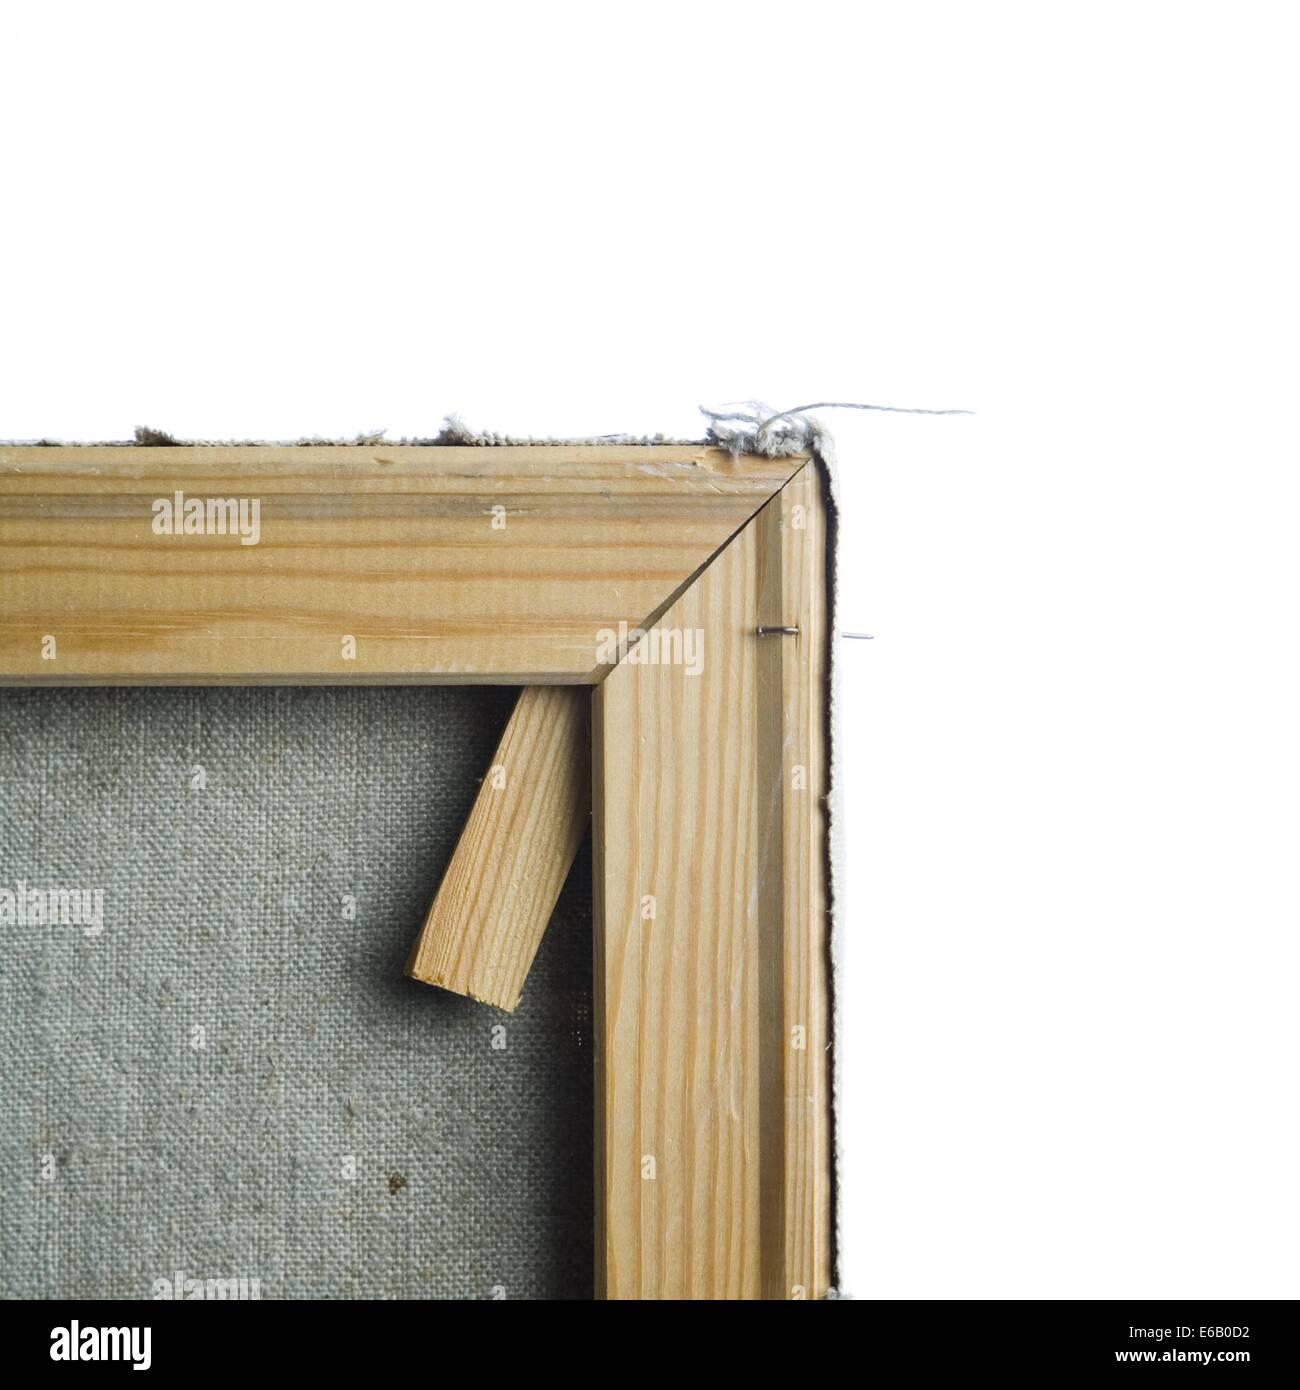 Atemberaubend Holzrahmen Für Die Leinwand Ideen - Benutzerdefinierte ...